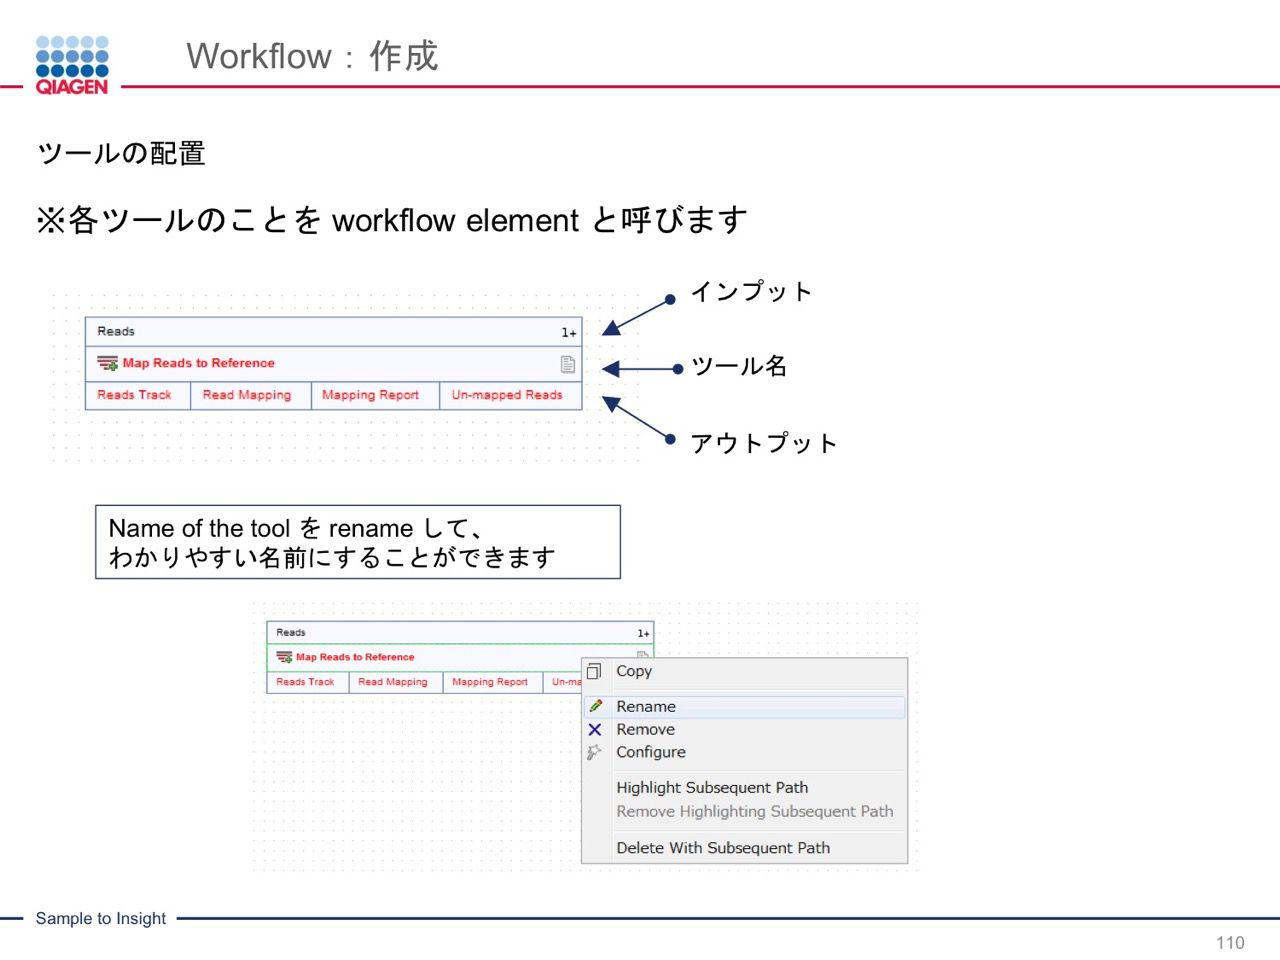 images/AJACSa2_miyamoto_110.jpg